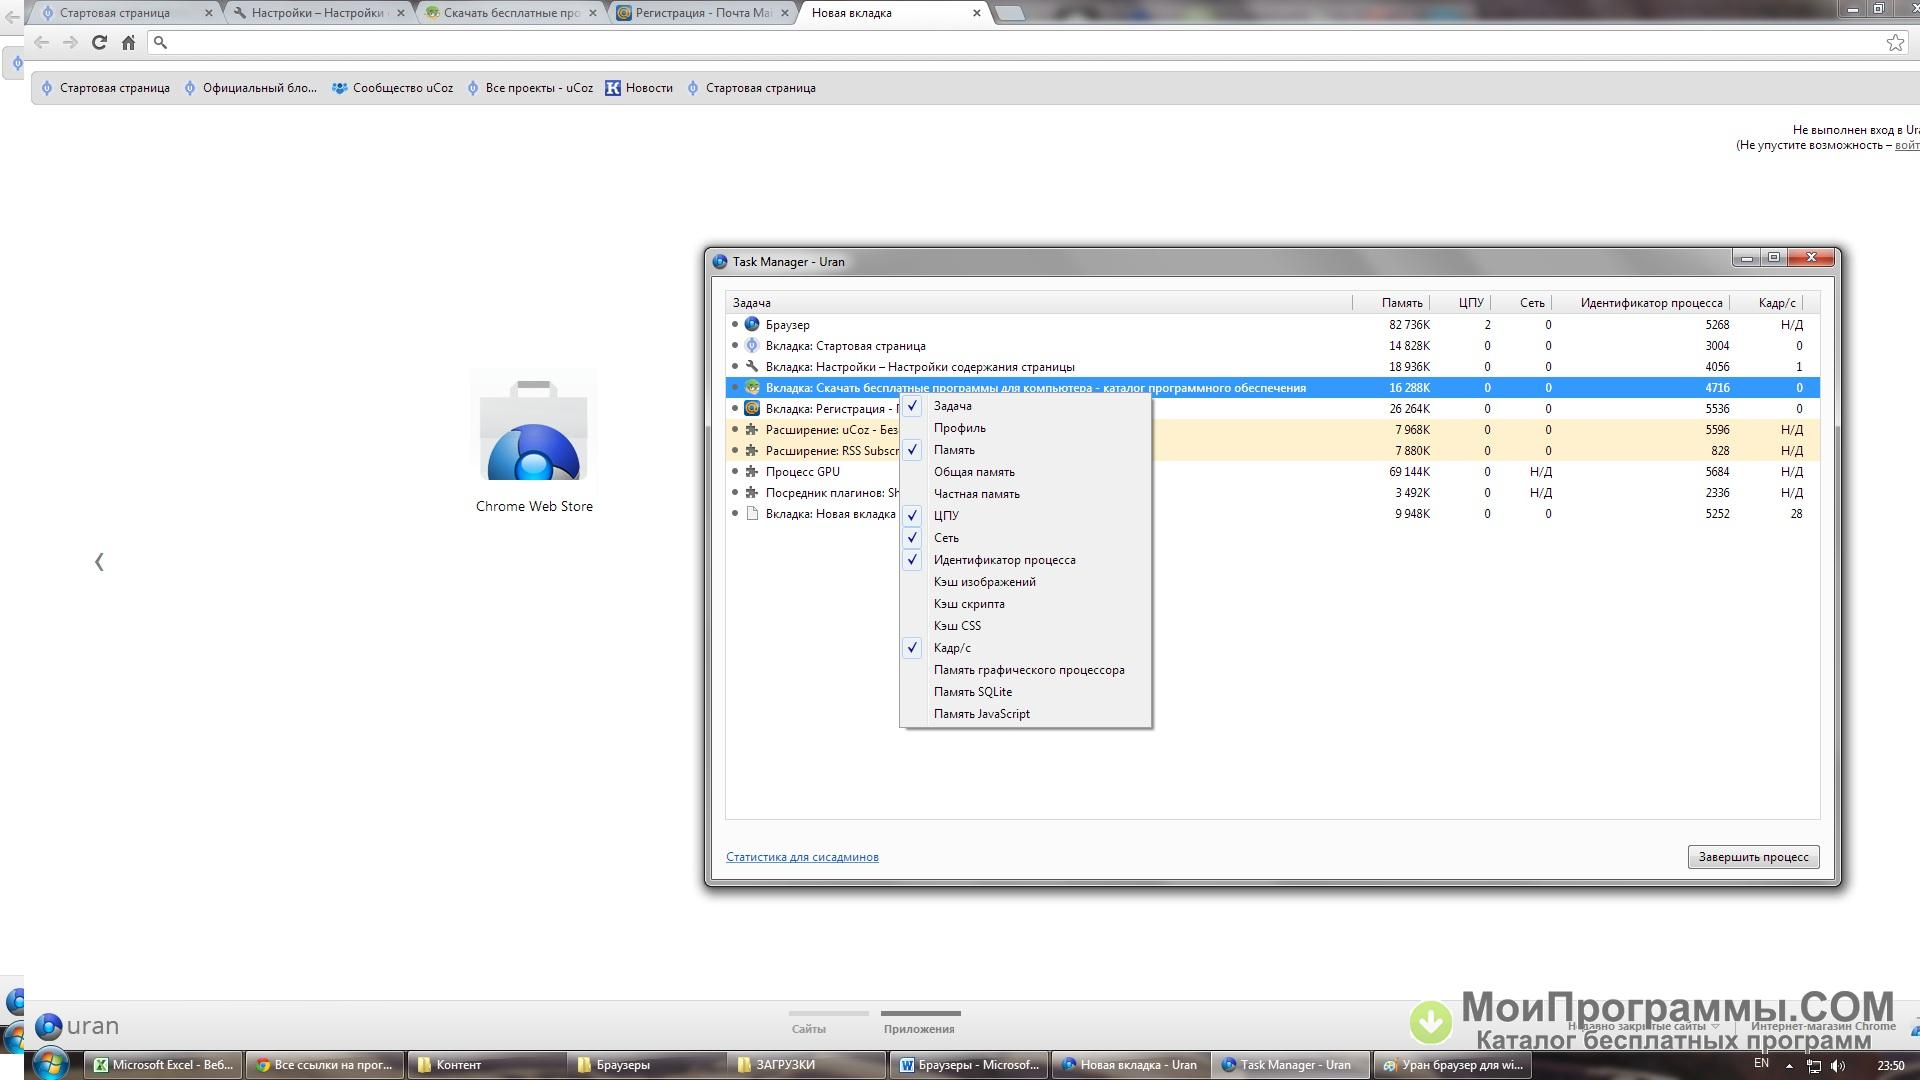 Скриншот (снимок экрана) Print Screen - Neumeka ru